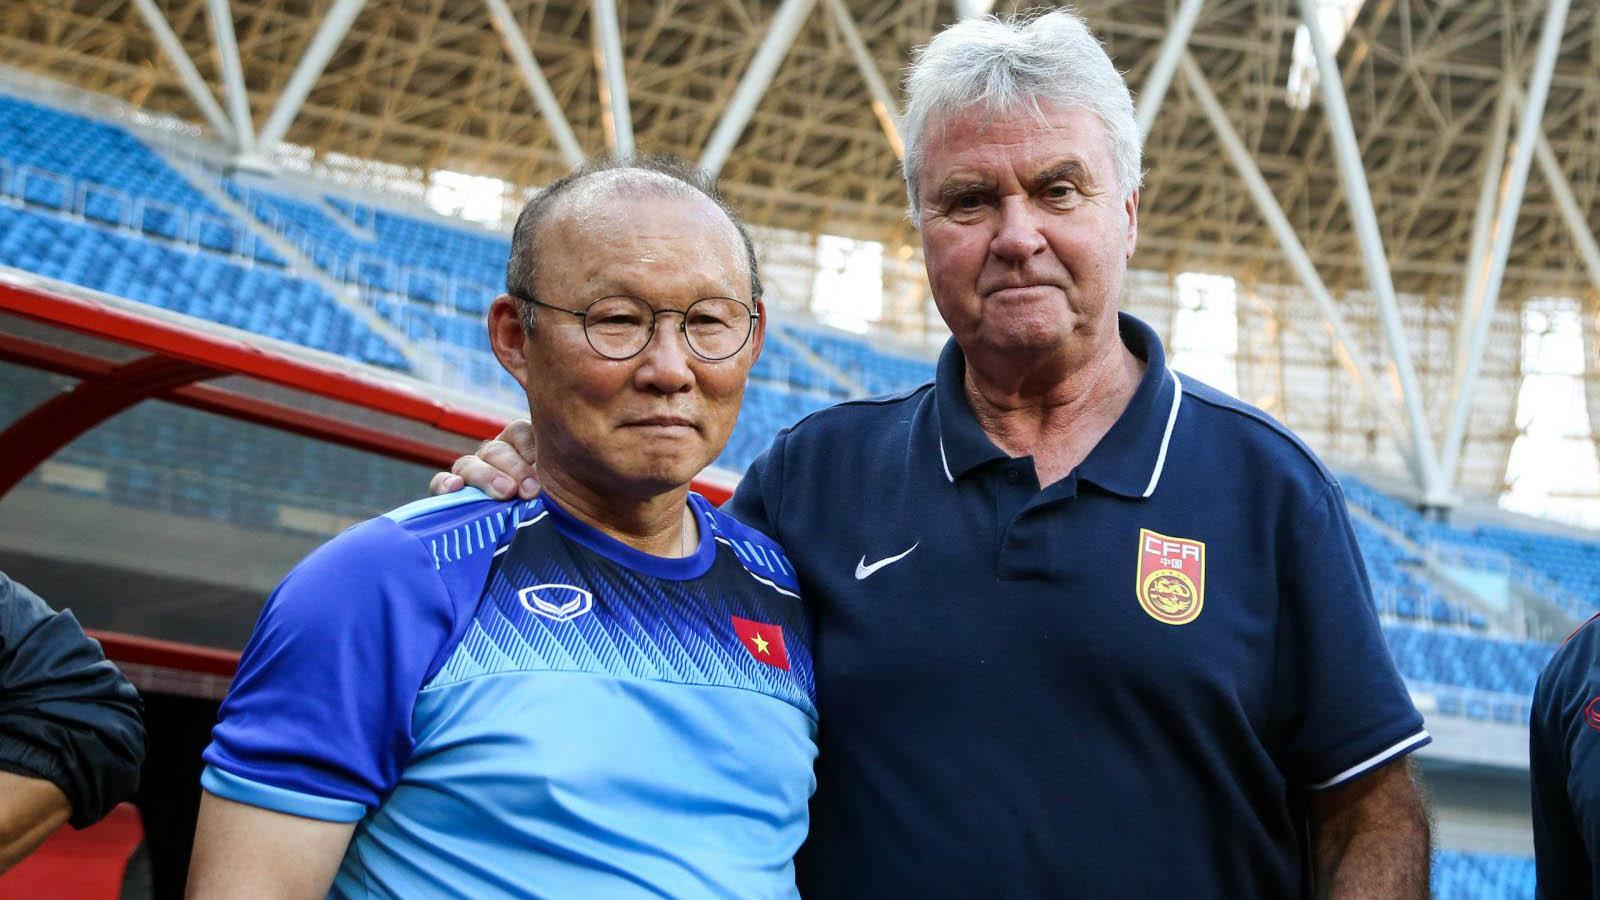 Hiddink, Trung Quốc, Guus Hiddink, Park Hang Seo, trực tiếp bóng đá, truc tiep bong da, u22 việt nam, u22 trung quốc, u23 châu á 2020, olympic tokyo 2020